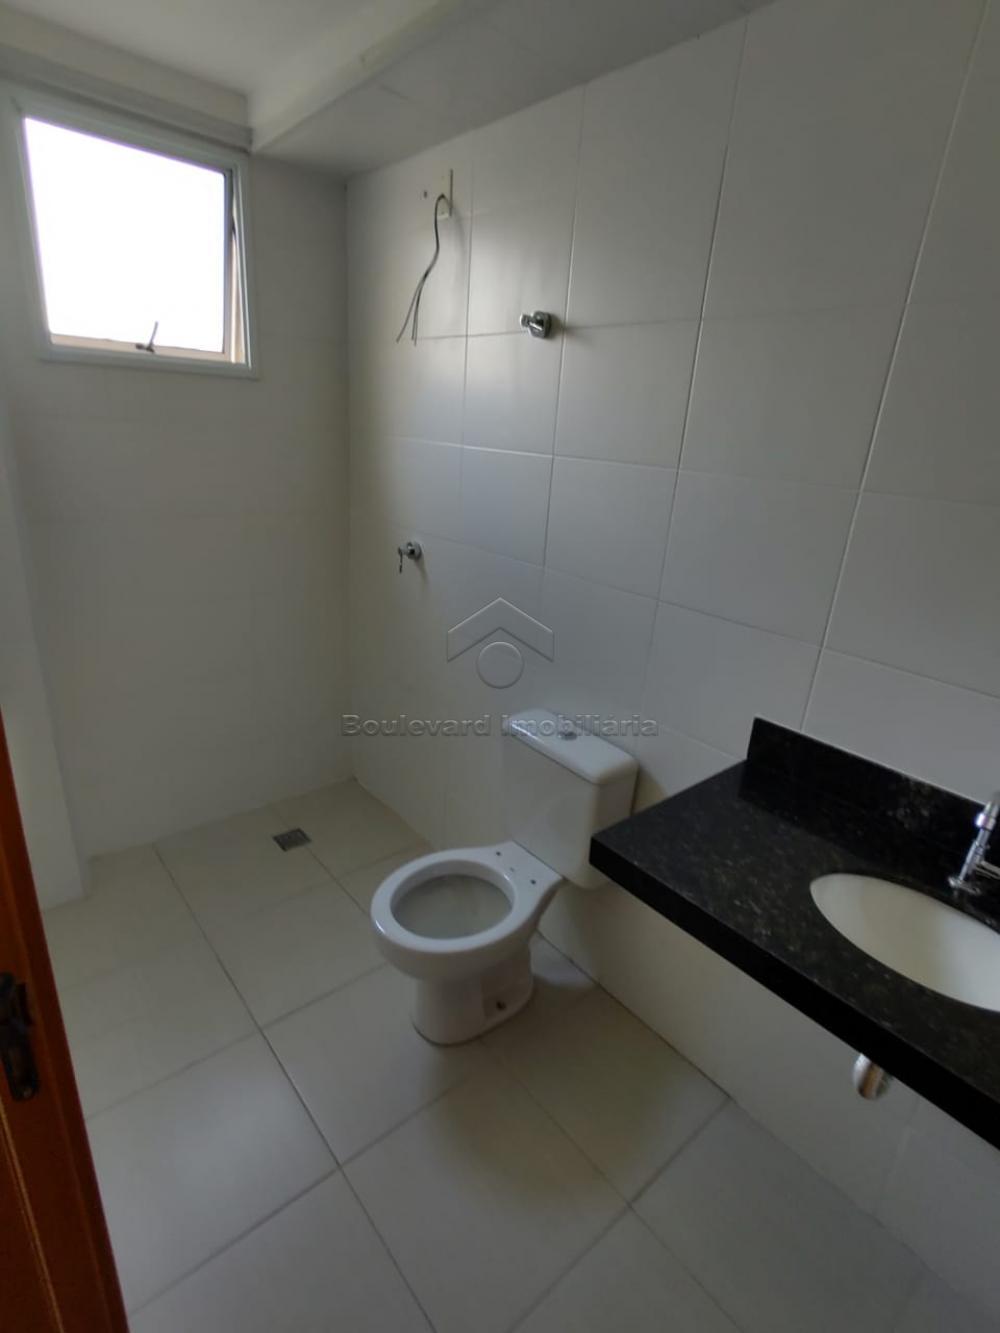 Comprar Apartamento / Padrão em Ribeirão Preto R$ 500.000,00 - Foto 5